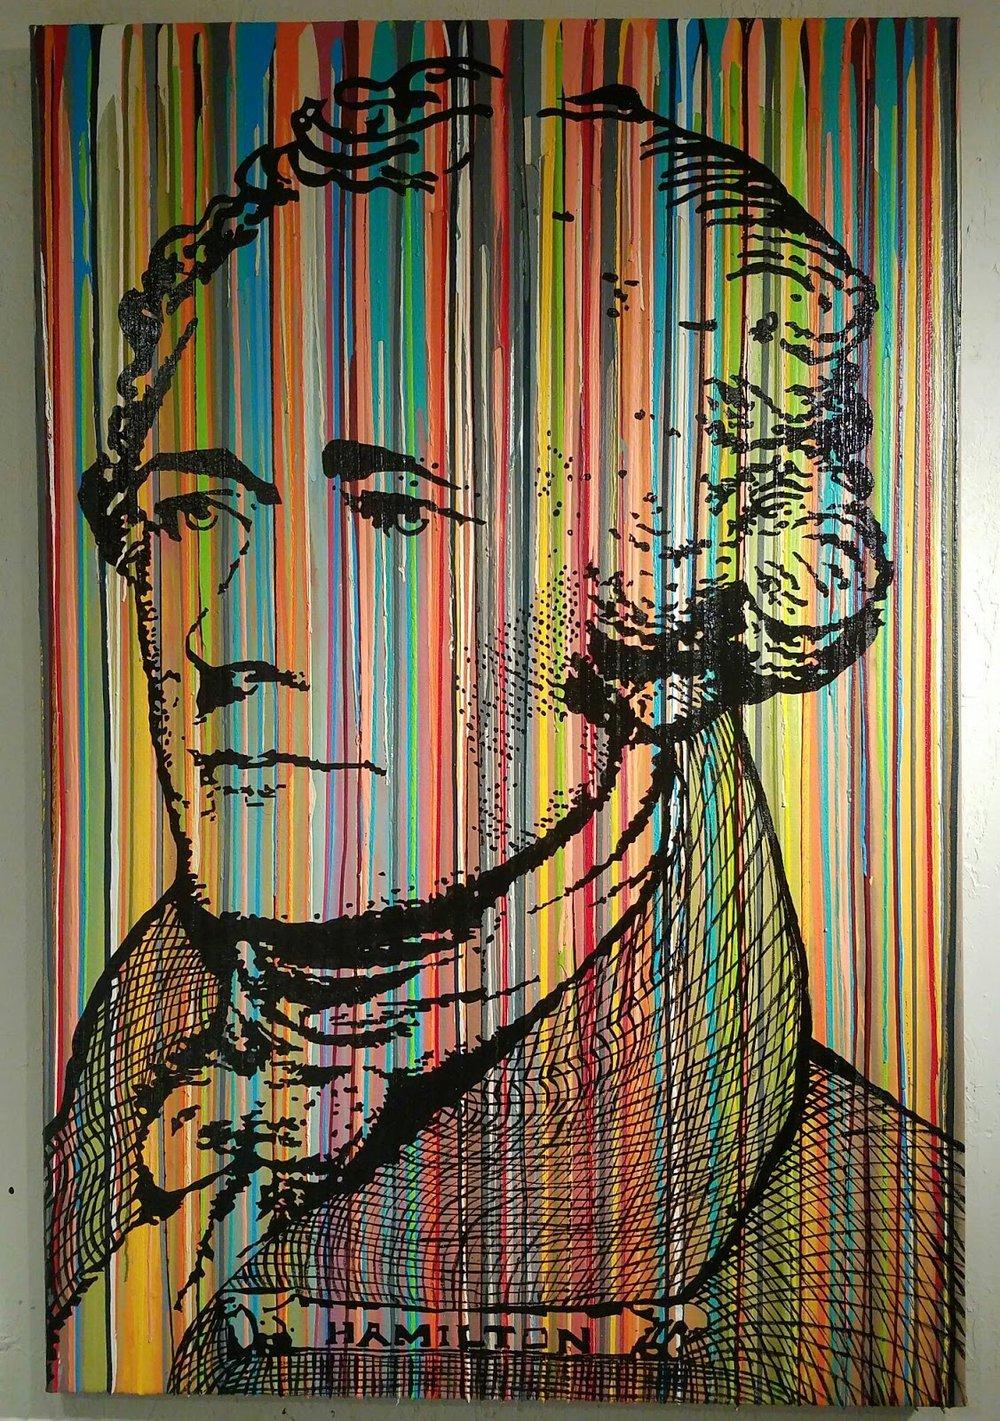 Hamilton-Hamilton 48 x 72 in  Media: enamel, latex, acrylic mixed on canvas